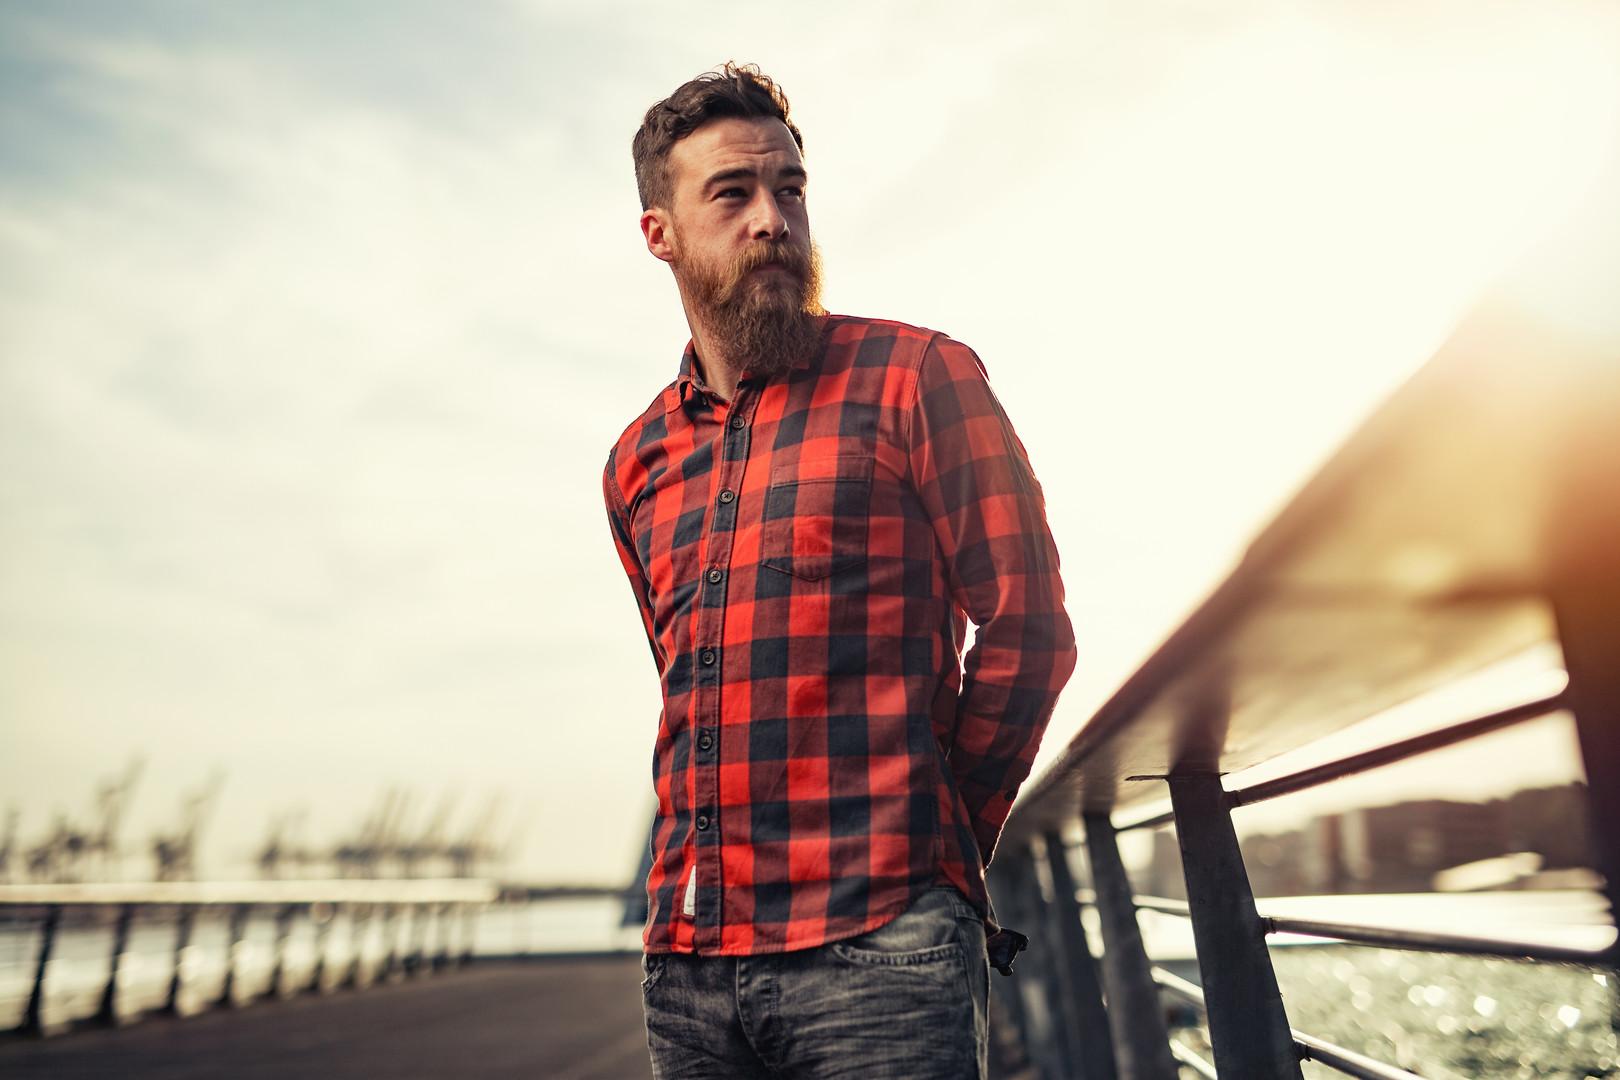 El hombre con camisa de franela